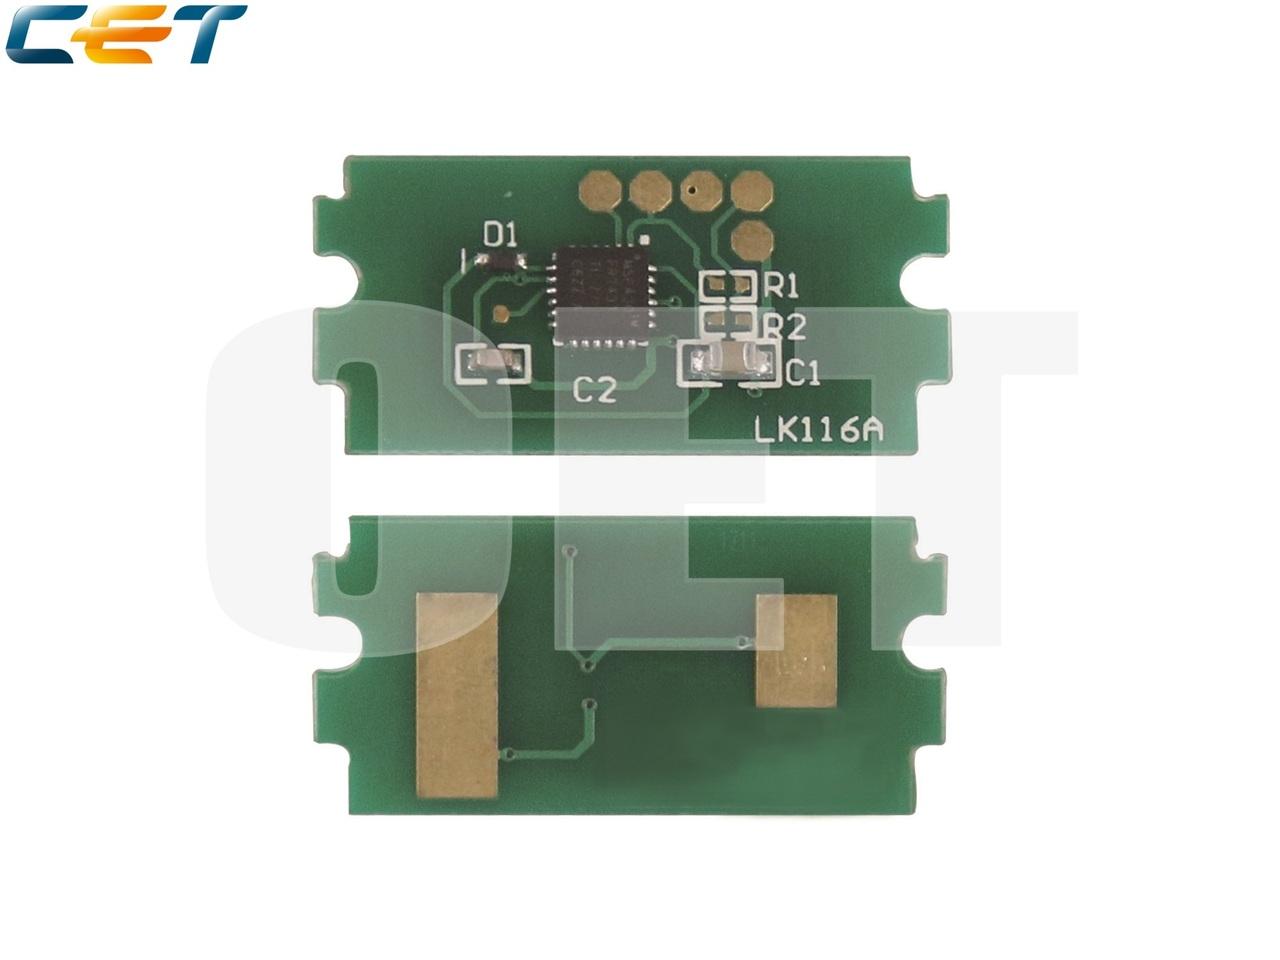 Чип картриджа TK-1150 для KYOCERA ECOSYSM2135dn/M2635dw/M2735dw/P2235dn (CET), 3000 стр.,CET6654